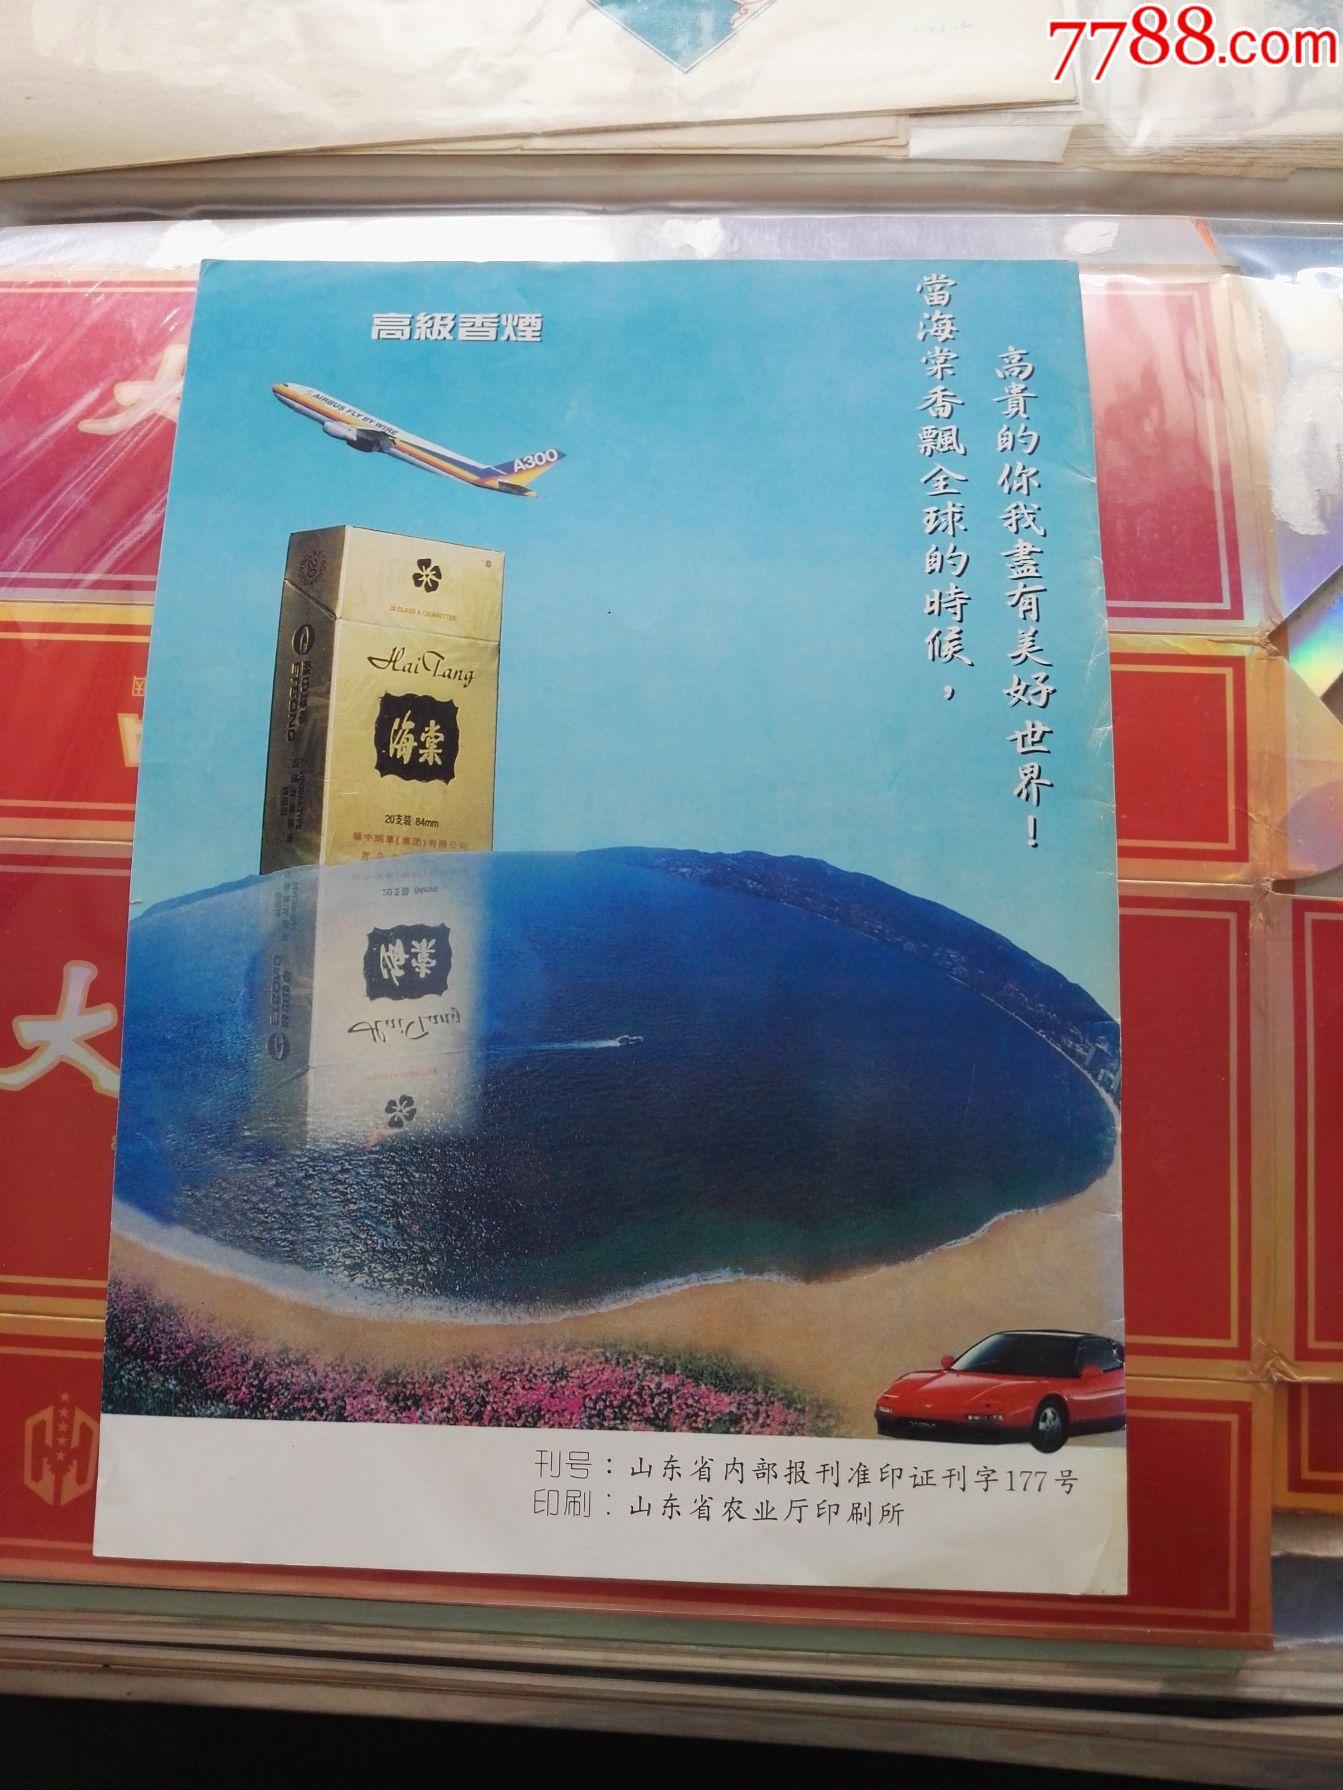 烟广告~烟台栖霞青岛八仙过海海棠